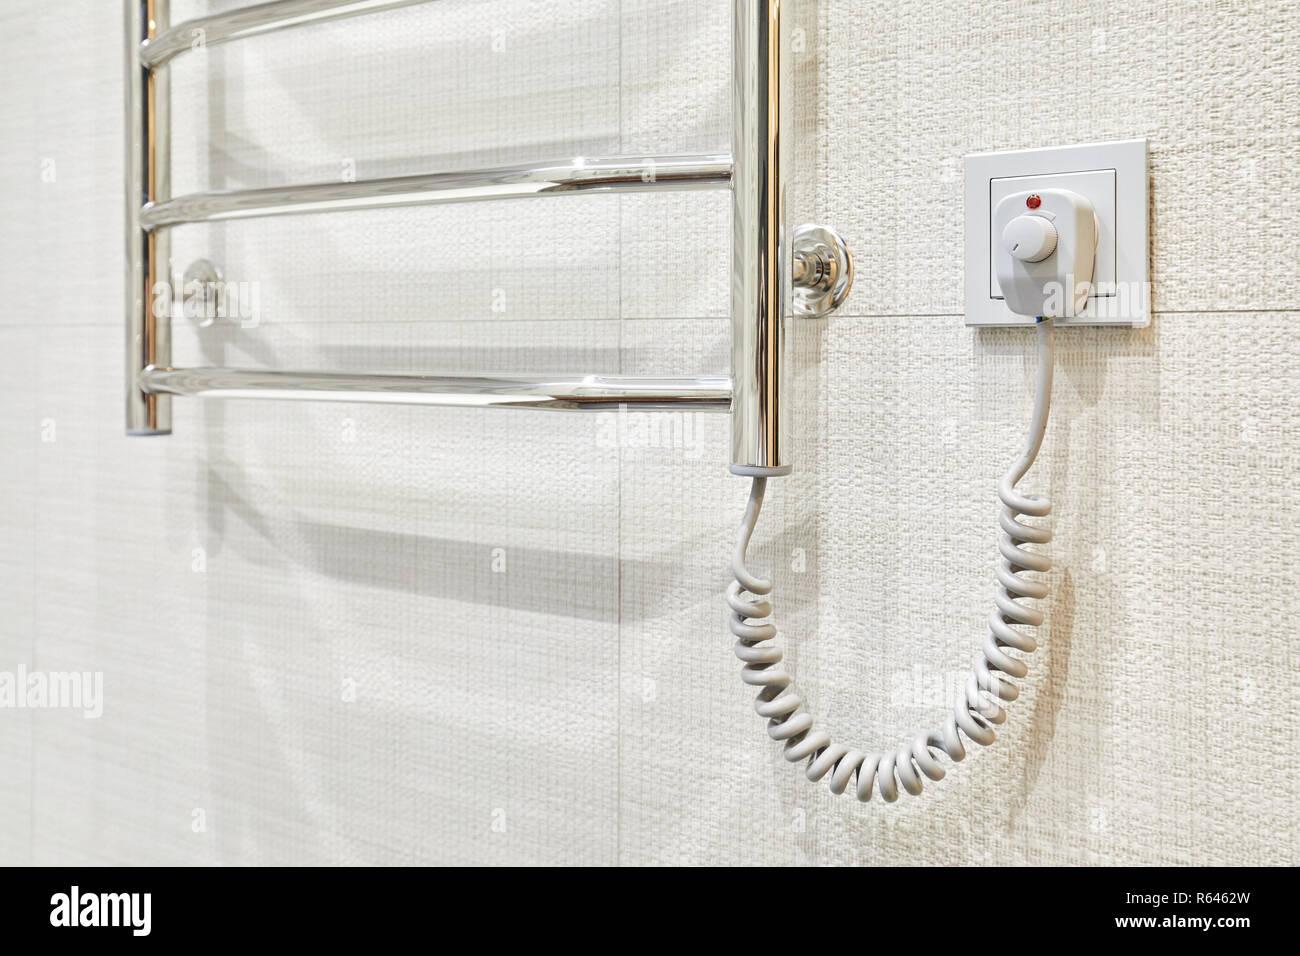 Portasciugamani Bagno Muro : Moderno e portasciugamani riscaldato sulla presa in piastrelle del